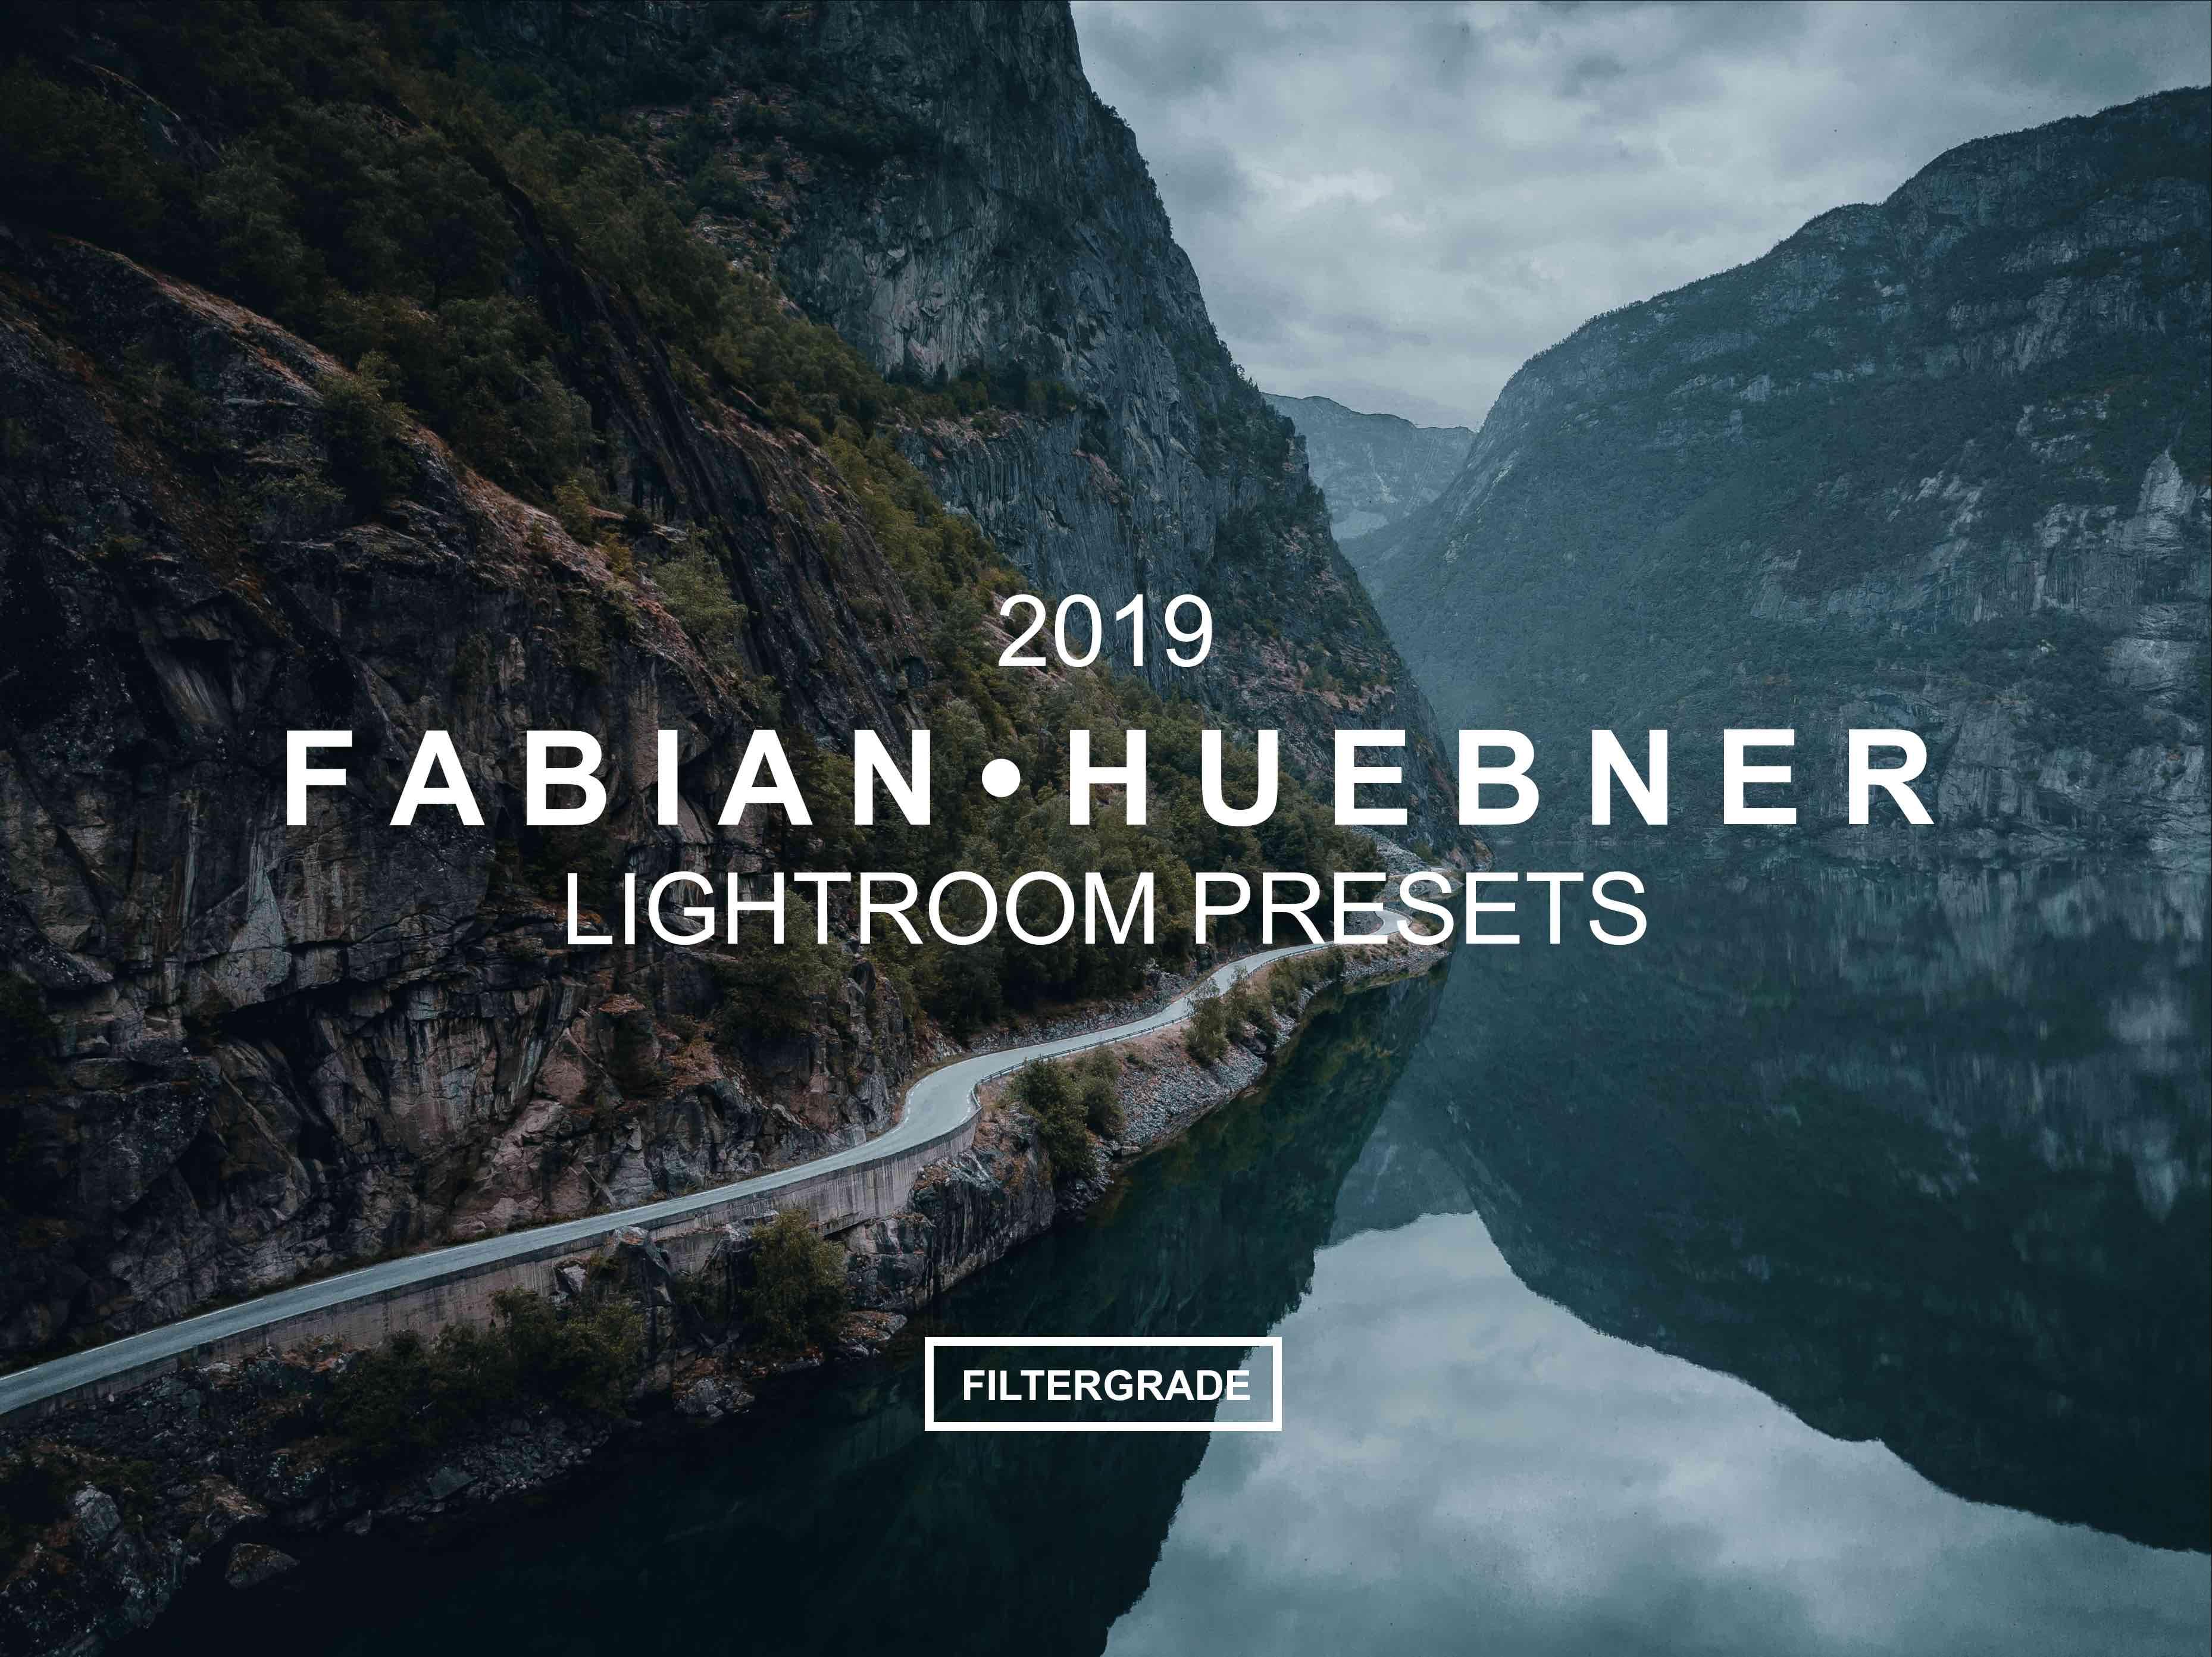 Fabian Huebner 2019 Lightroom Presets